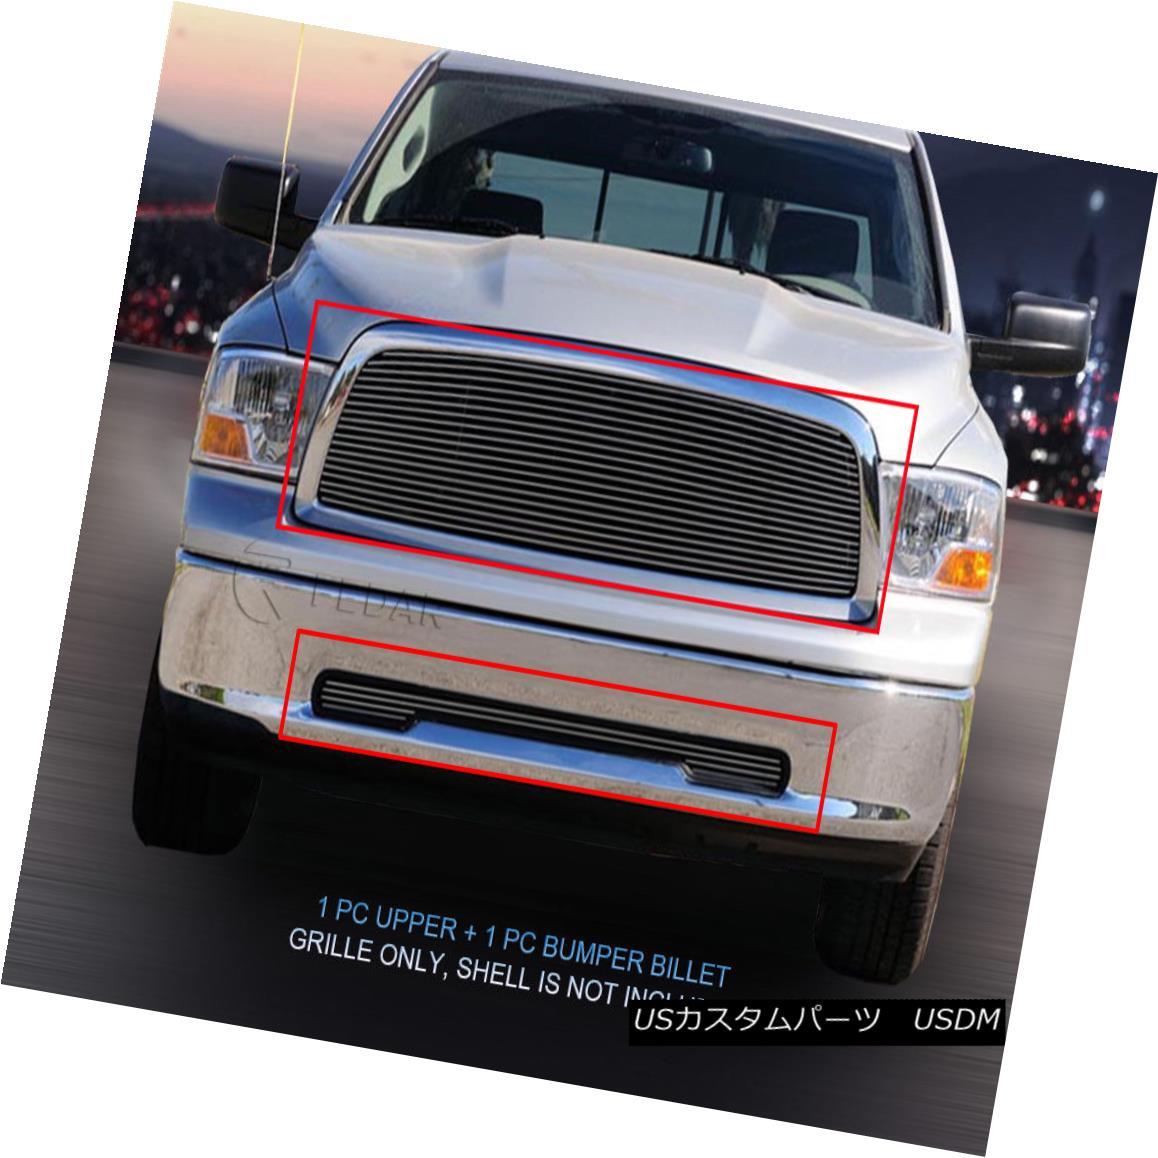 グリル For 09-12 Dodge Ram 1500 Billet Grille Grill Combo Fedar 09-12 Dodge Ram 1500ビレットグリルグリルコンボ・フェルダ